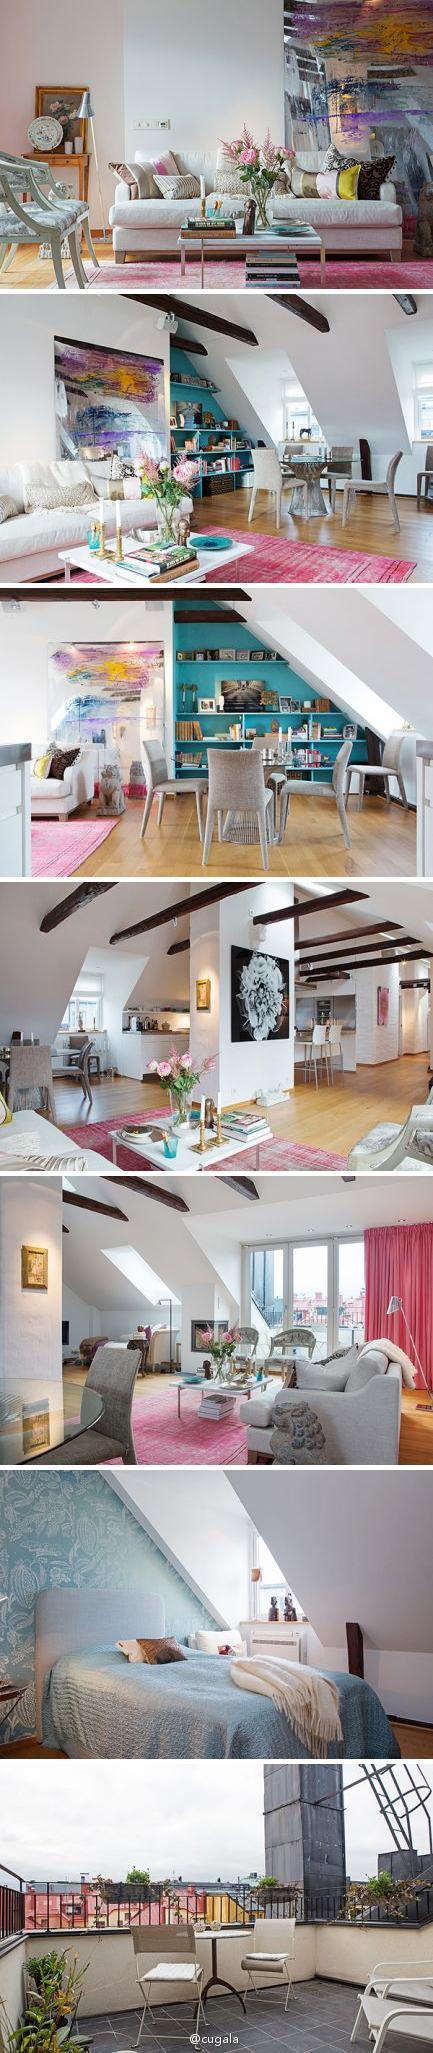 客厅 欧式图片来自用户2557013183在living room的分享